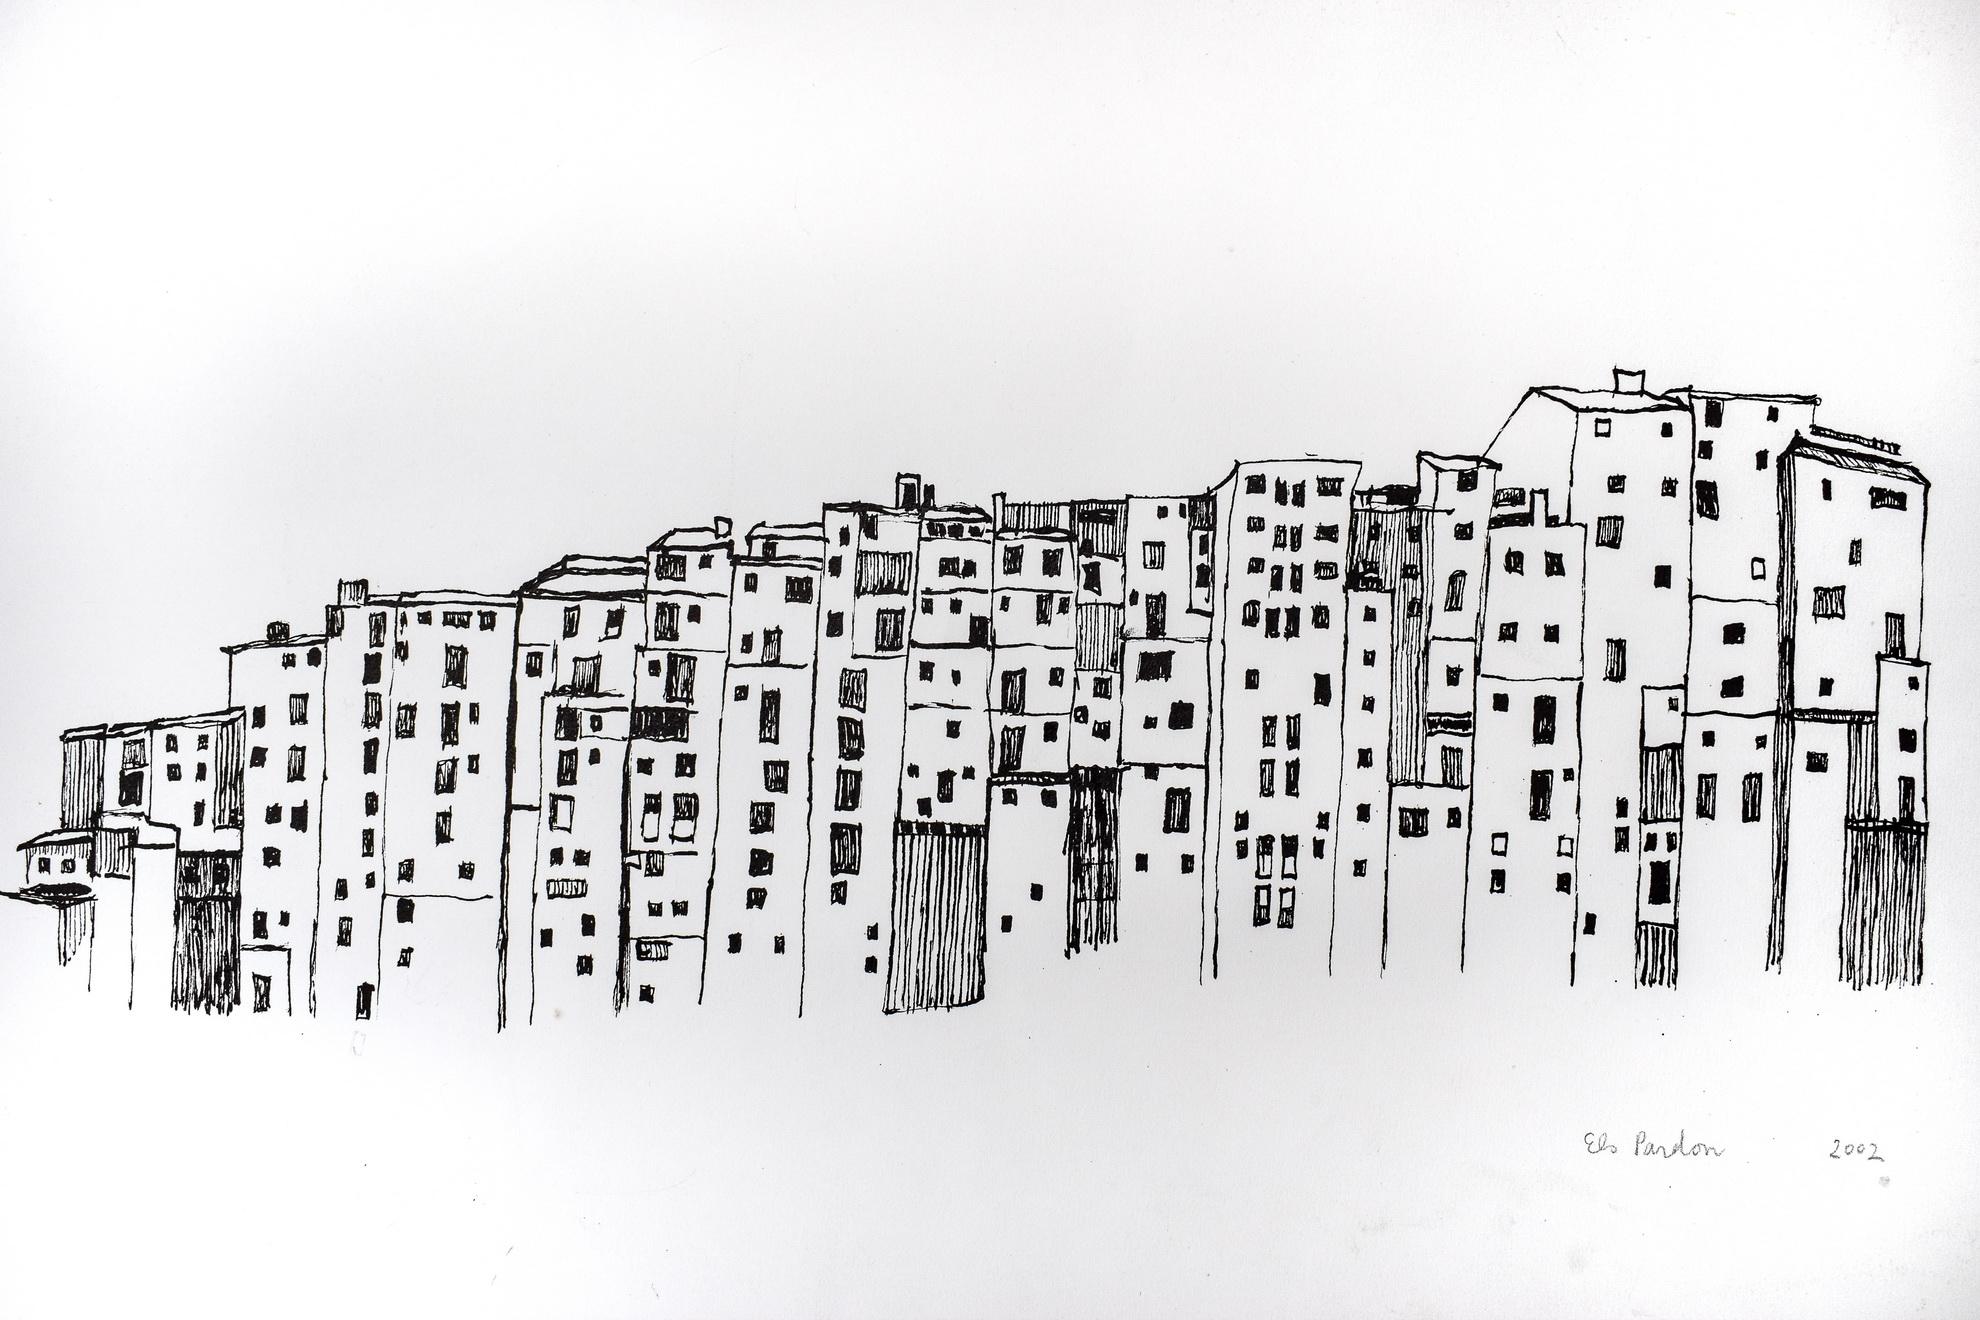 Goede Tekeningen, interieurs, mensen, landschappen en huizen - Els Pardon YC-43